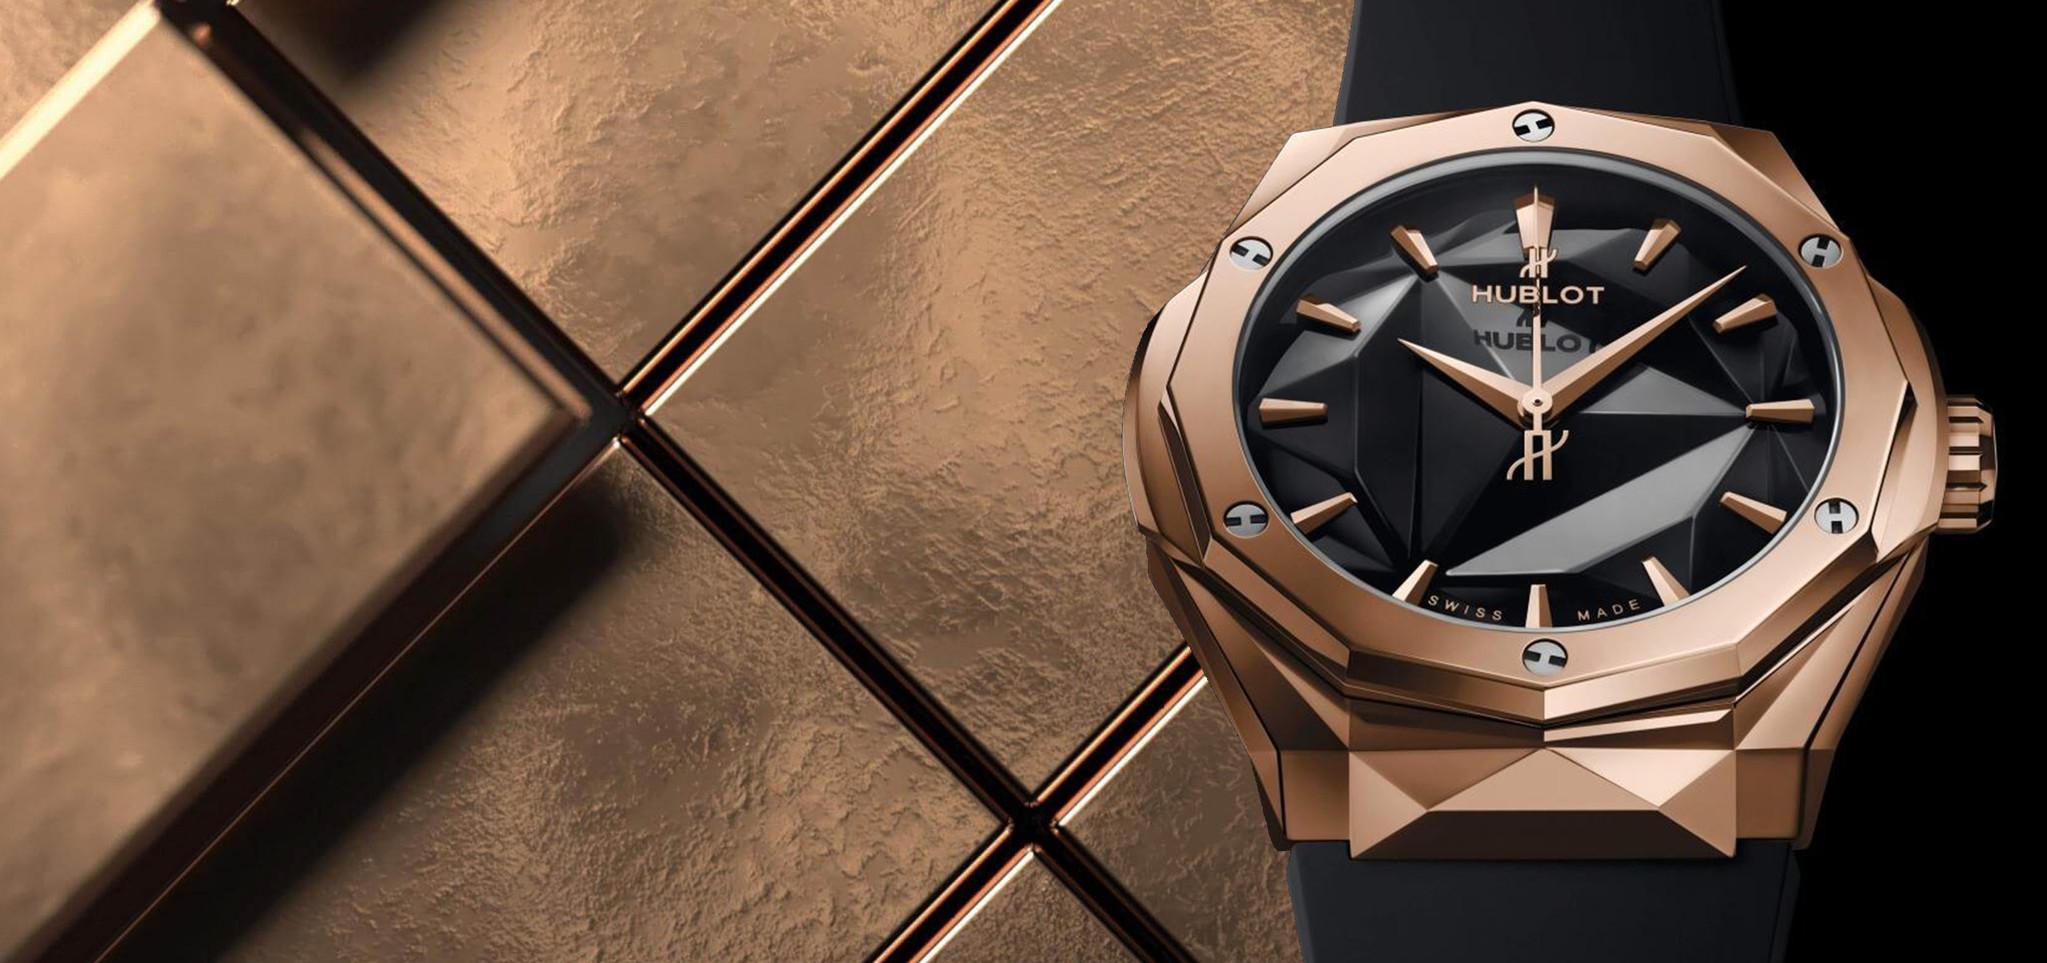 5 Gouden horloges voor jou geselecteerd